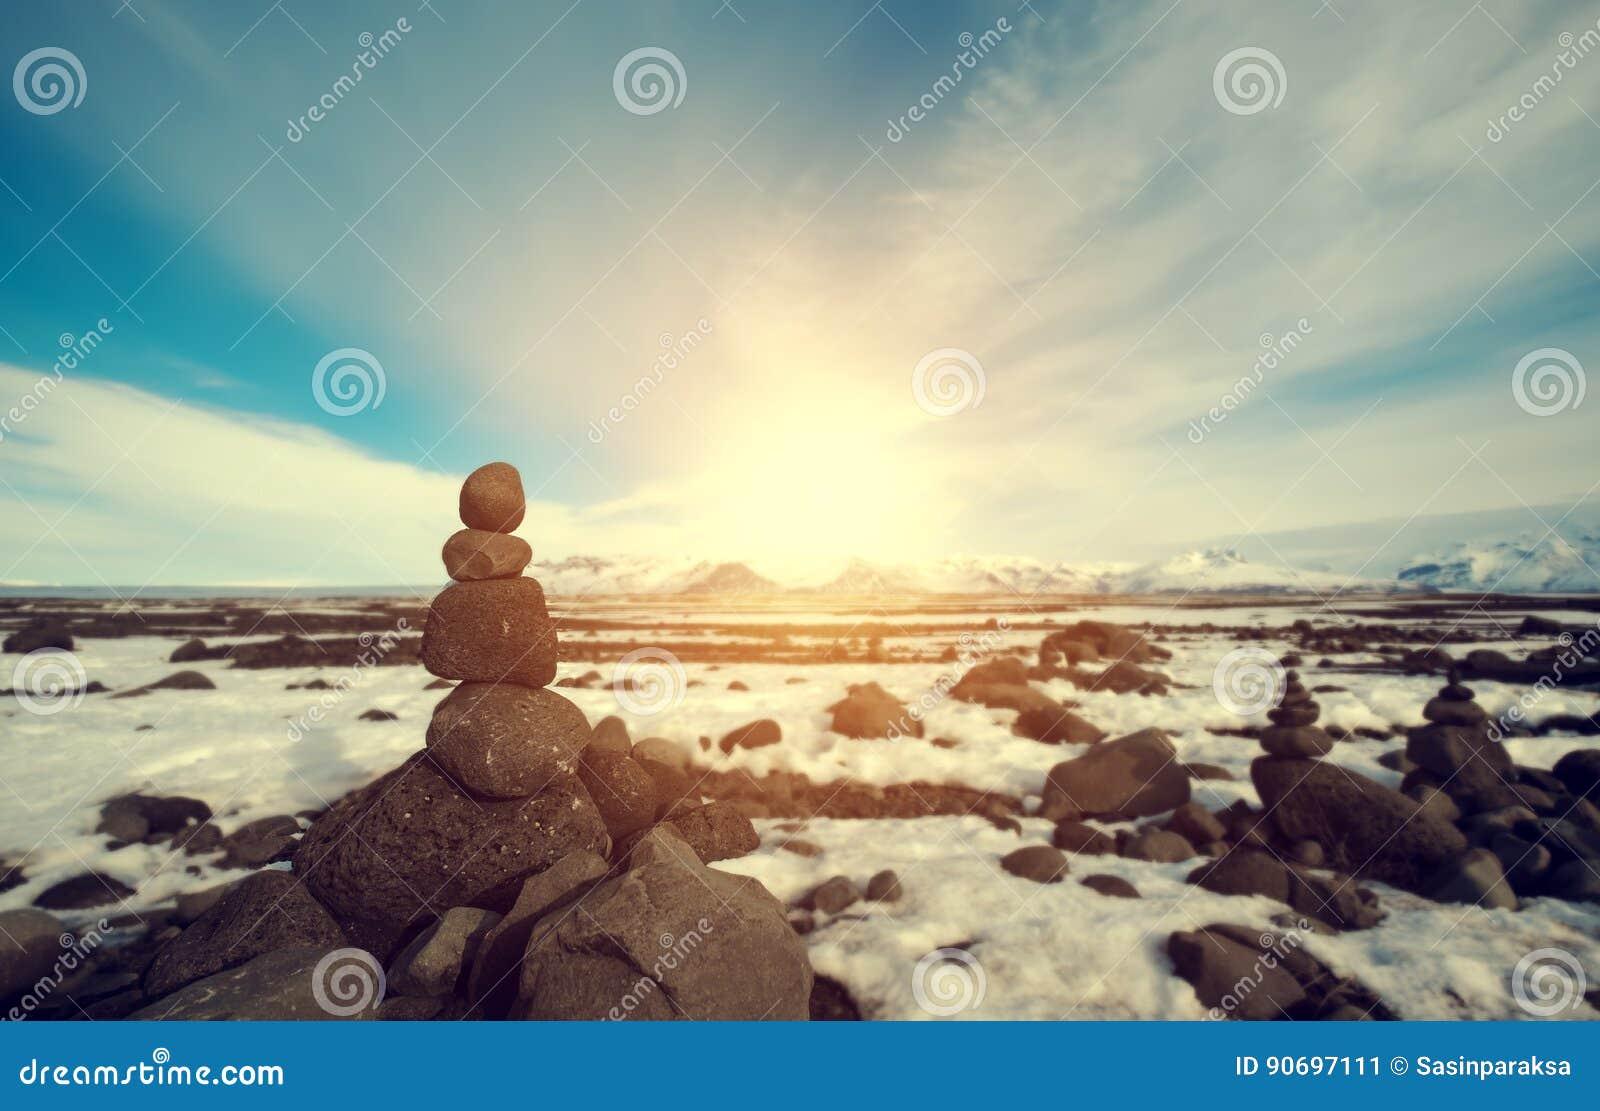 Συσσωρευμένη ο Stone ισορροπία στο χειμερινό τοπίο, με το φωτεινό φως του ήλιου